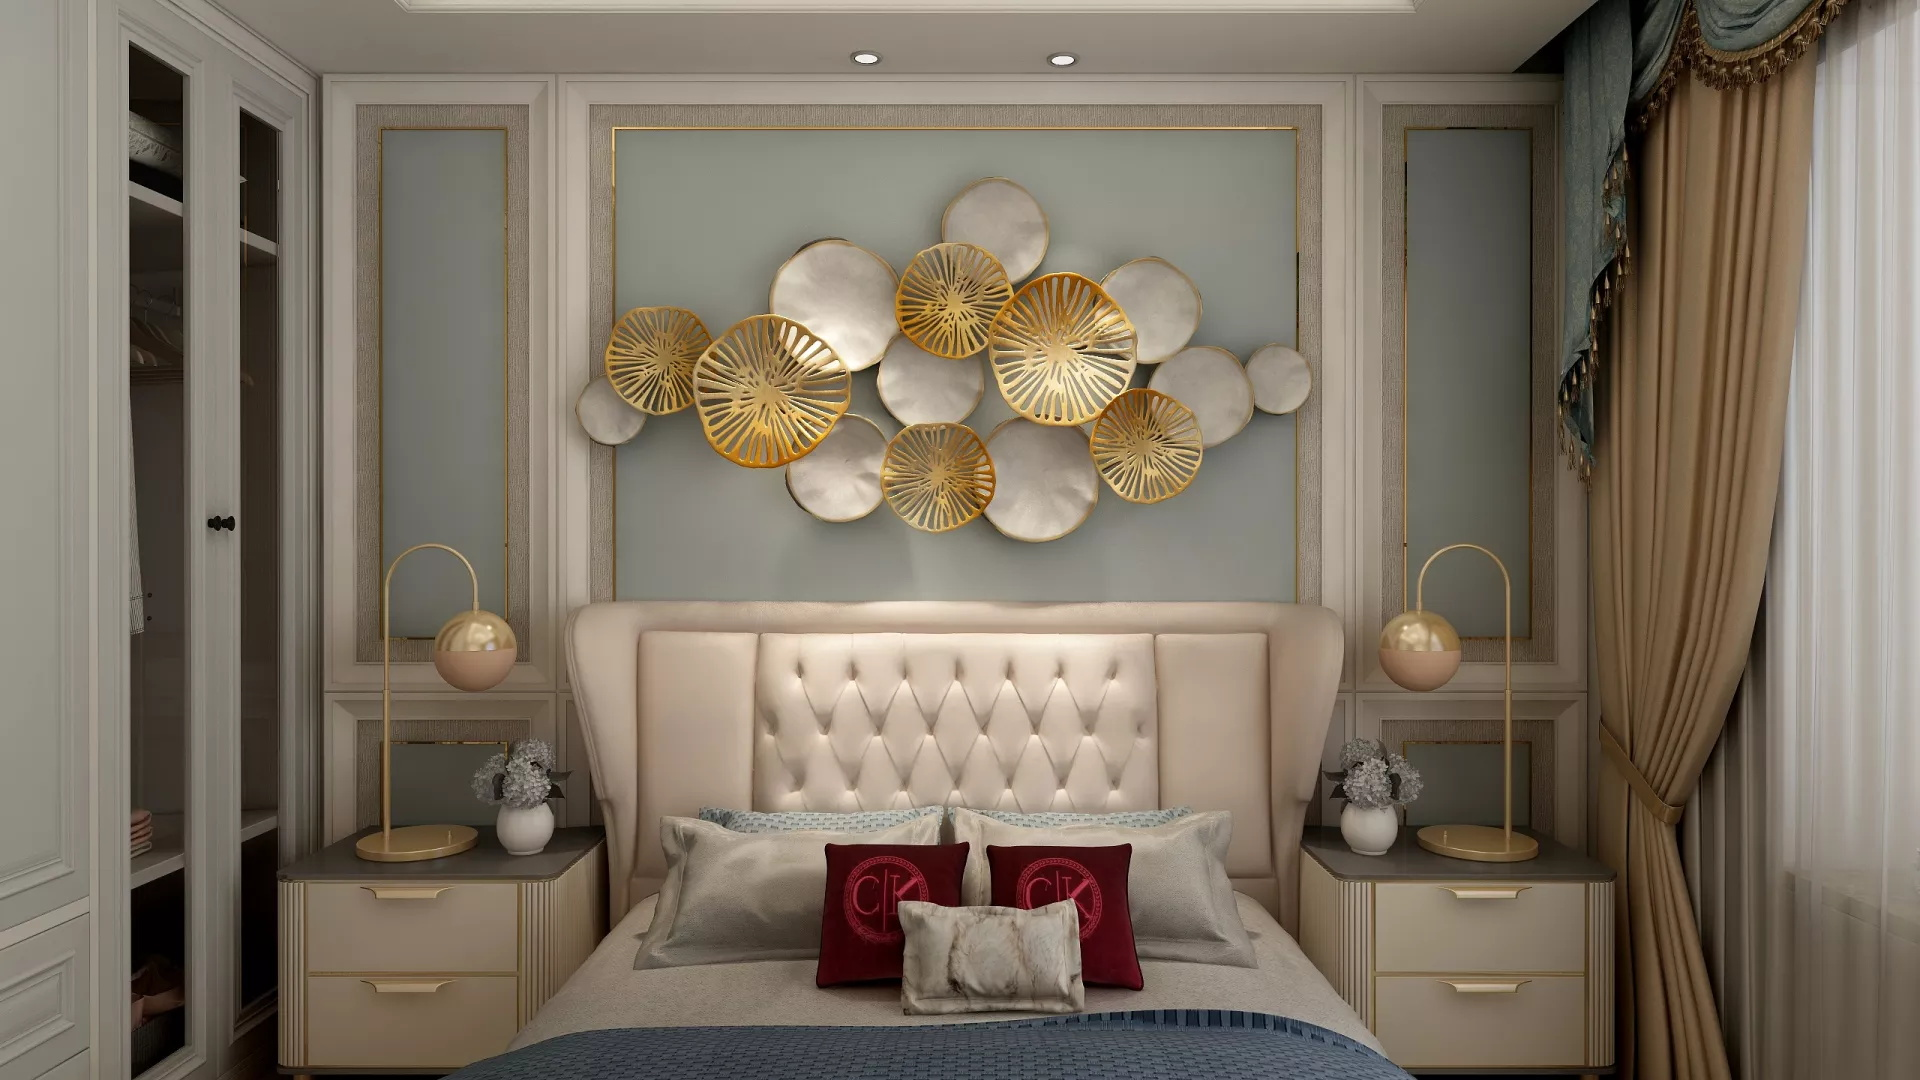 简洁大气风格客厅装修效果图